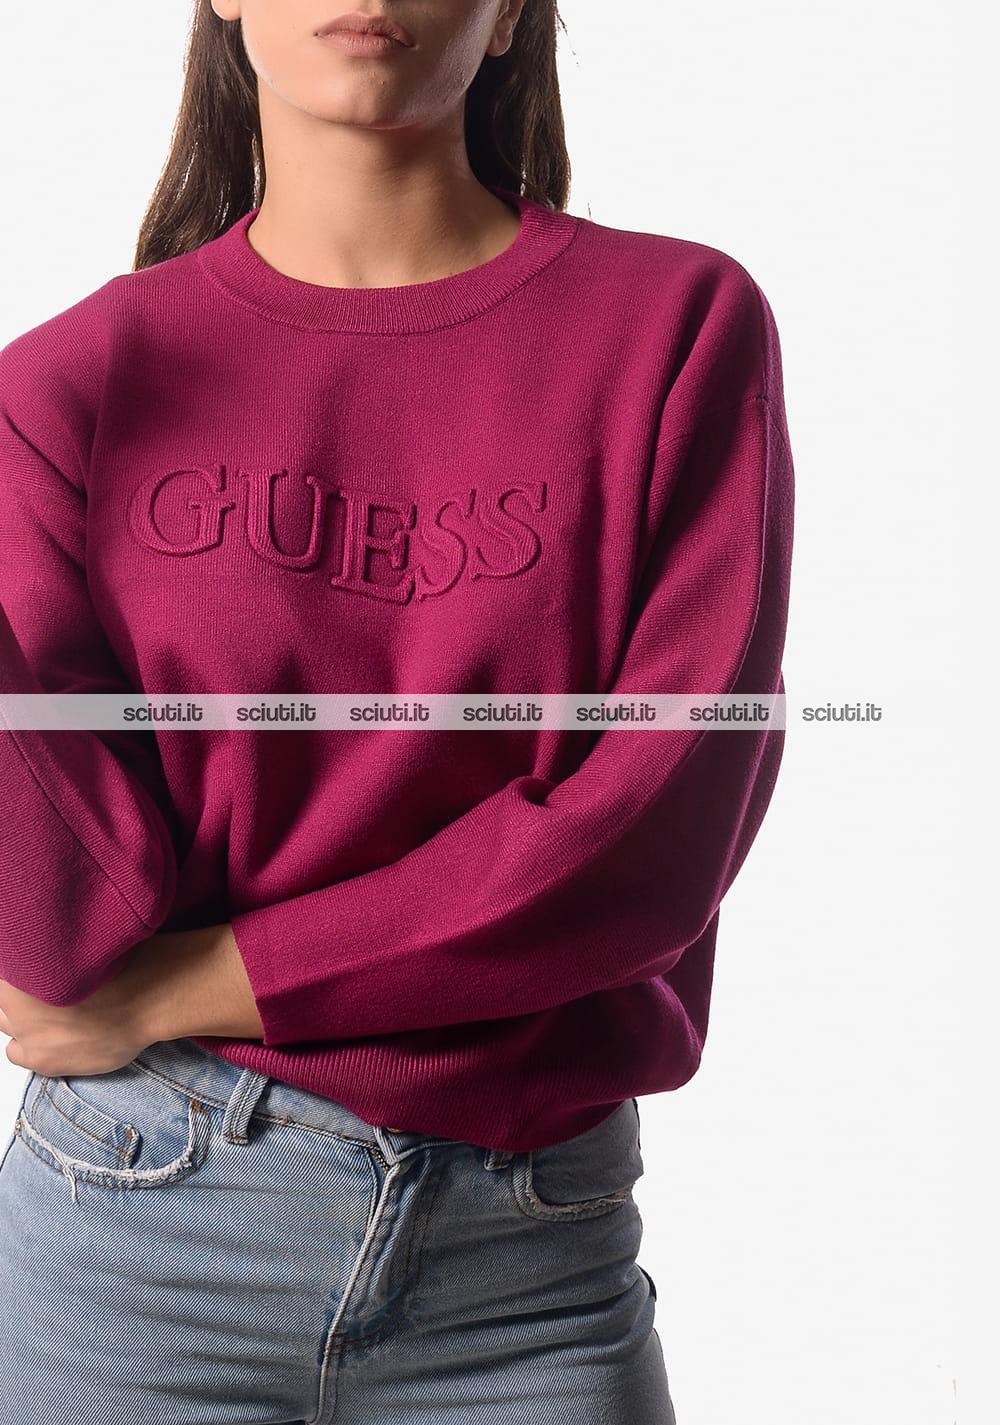 4b19f97d17 Maglia crop Guess donna logo in rilievo prugna | Sciuti.it